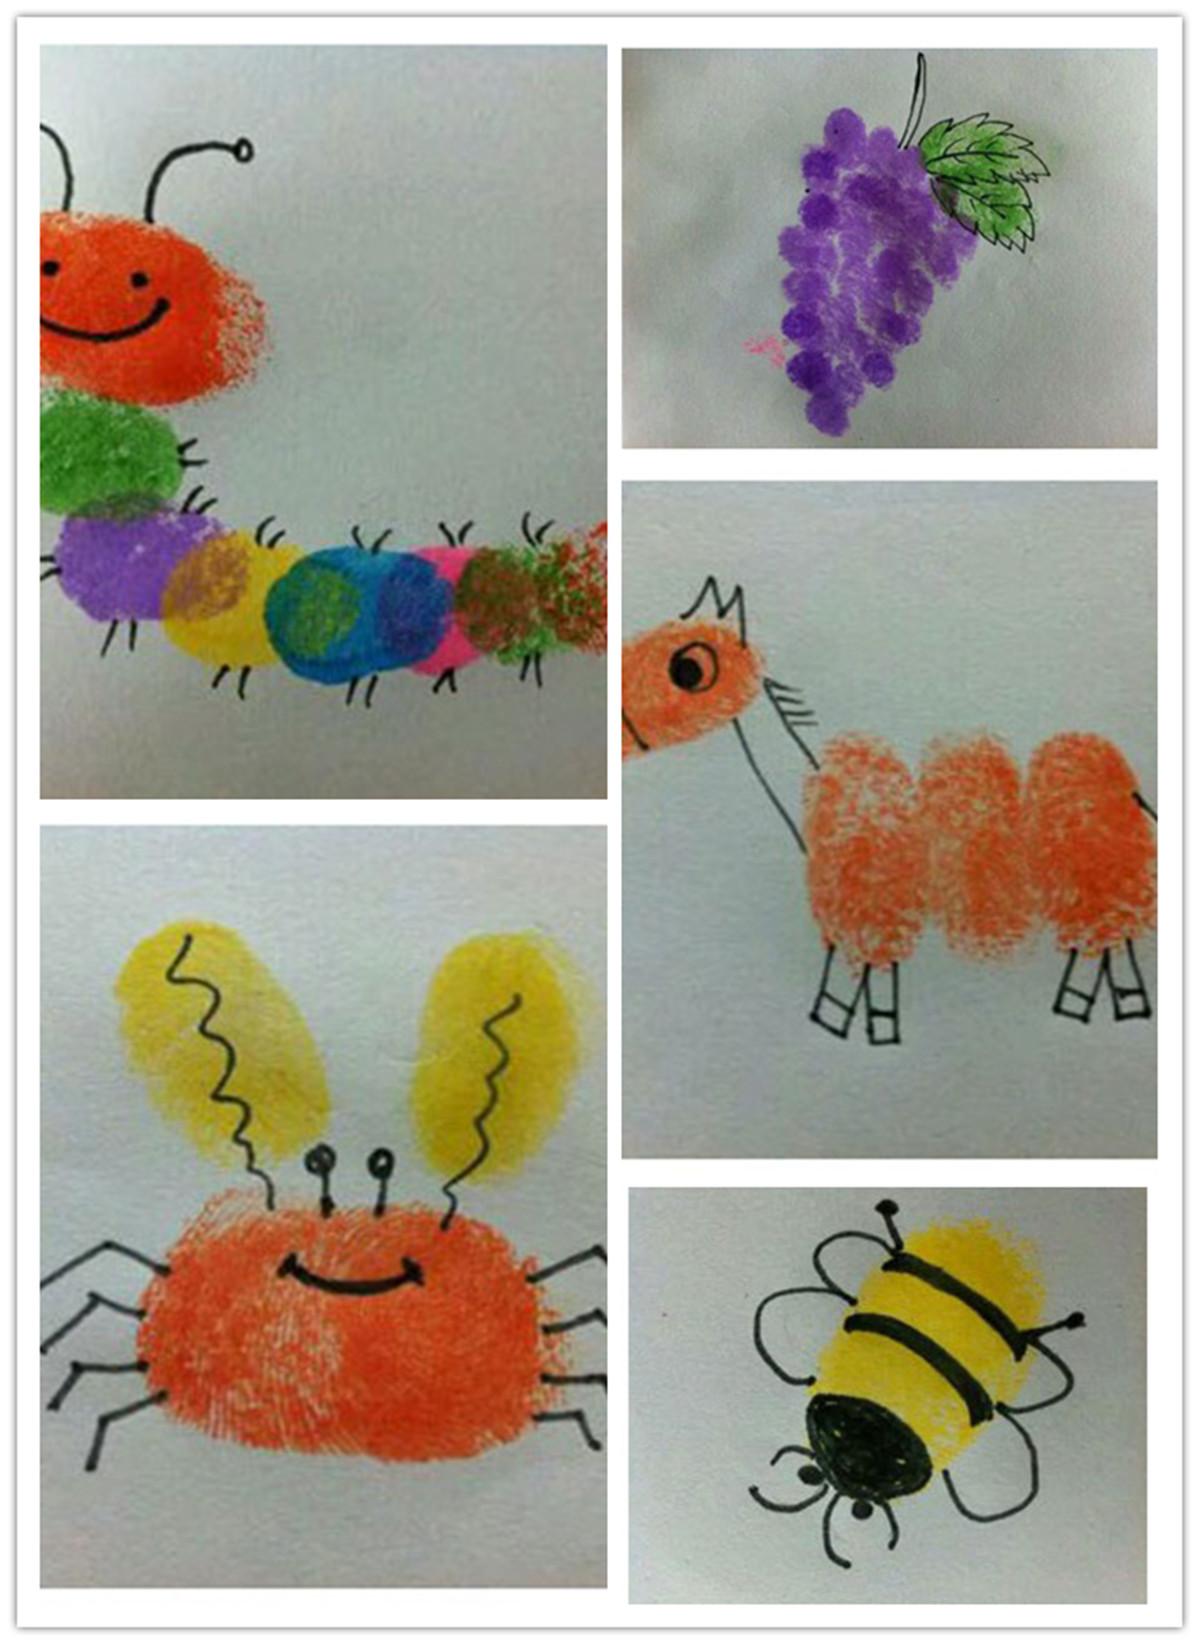 指纹画活动作为艺术领域中美术活动的一种创作方式,需要幼儿大胆地想象,创造性用指纹印画、添画来完成。大班的孩子的想像绘画能力已有了很大的提高,他们喜欢自己来创作画面,并运用多种表现形式来表现自己对美的感受。